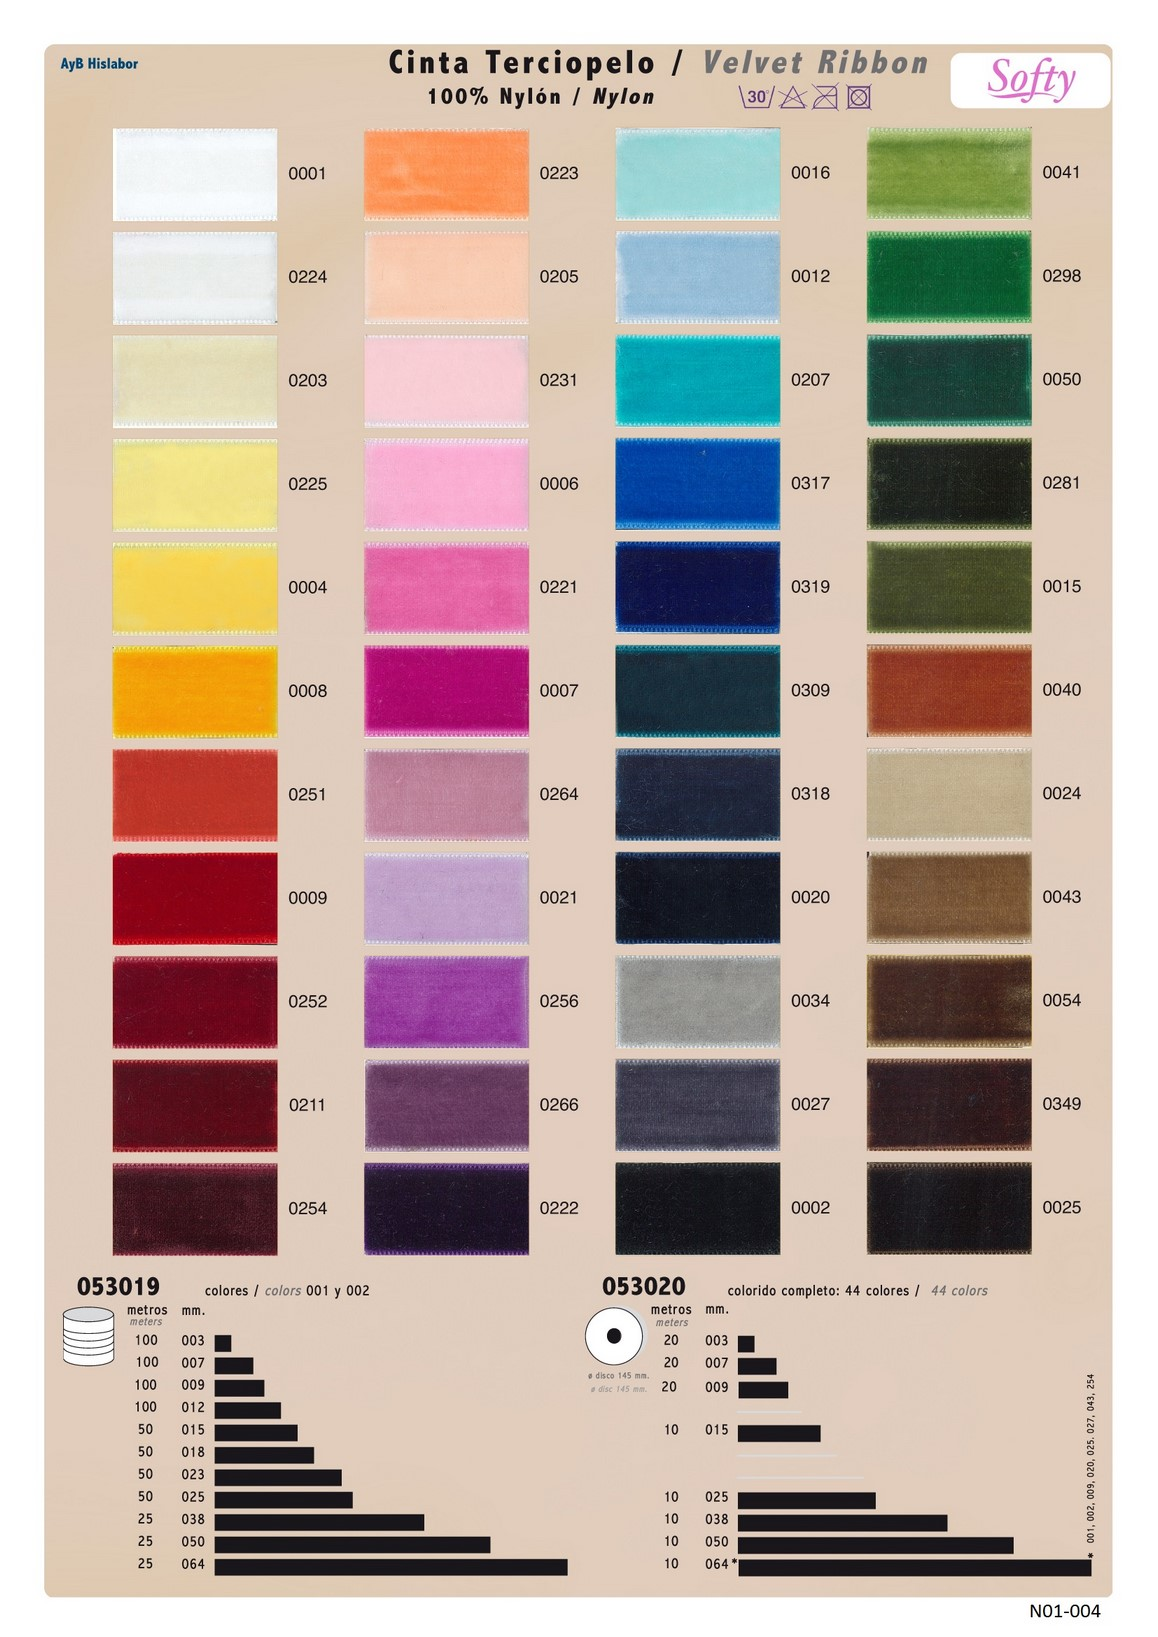 Carta%20colores.jpg